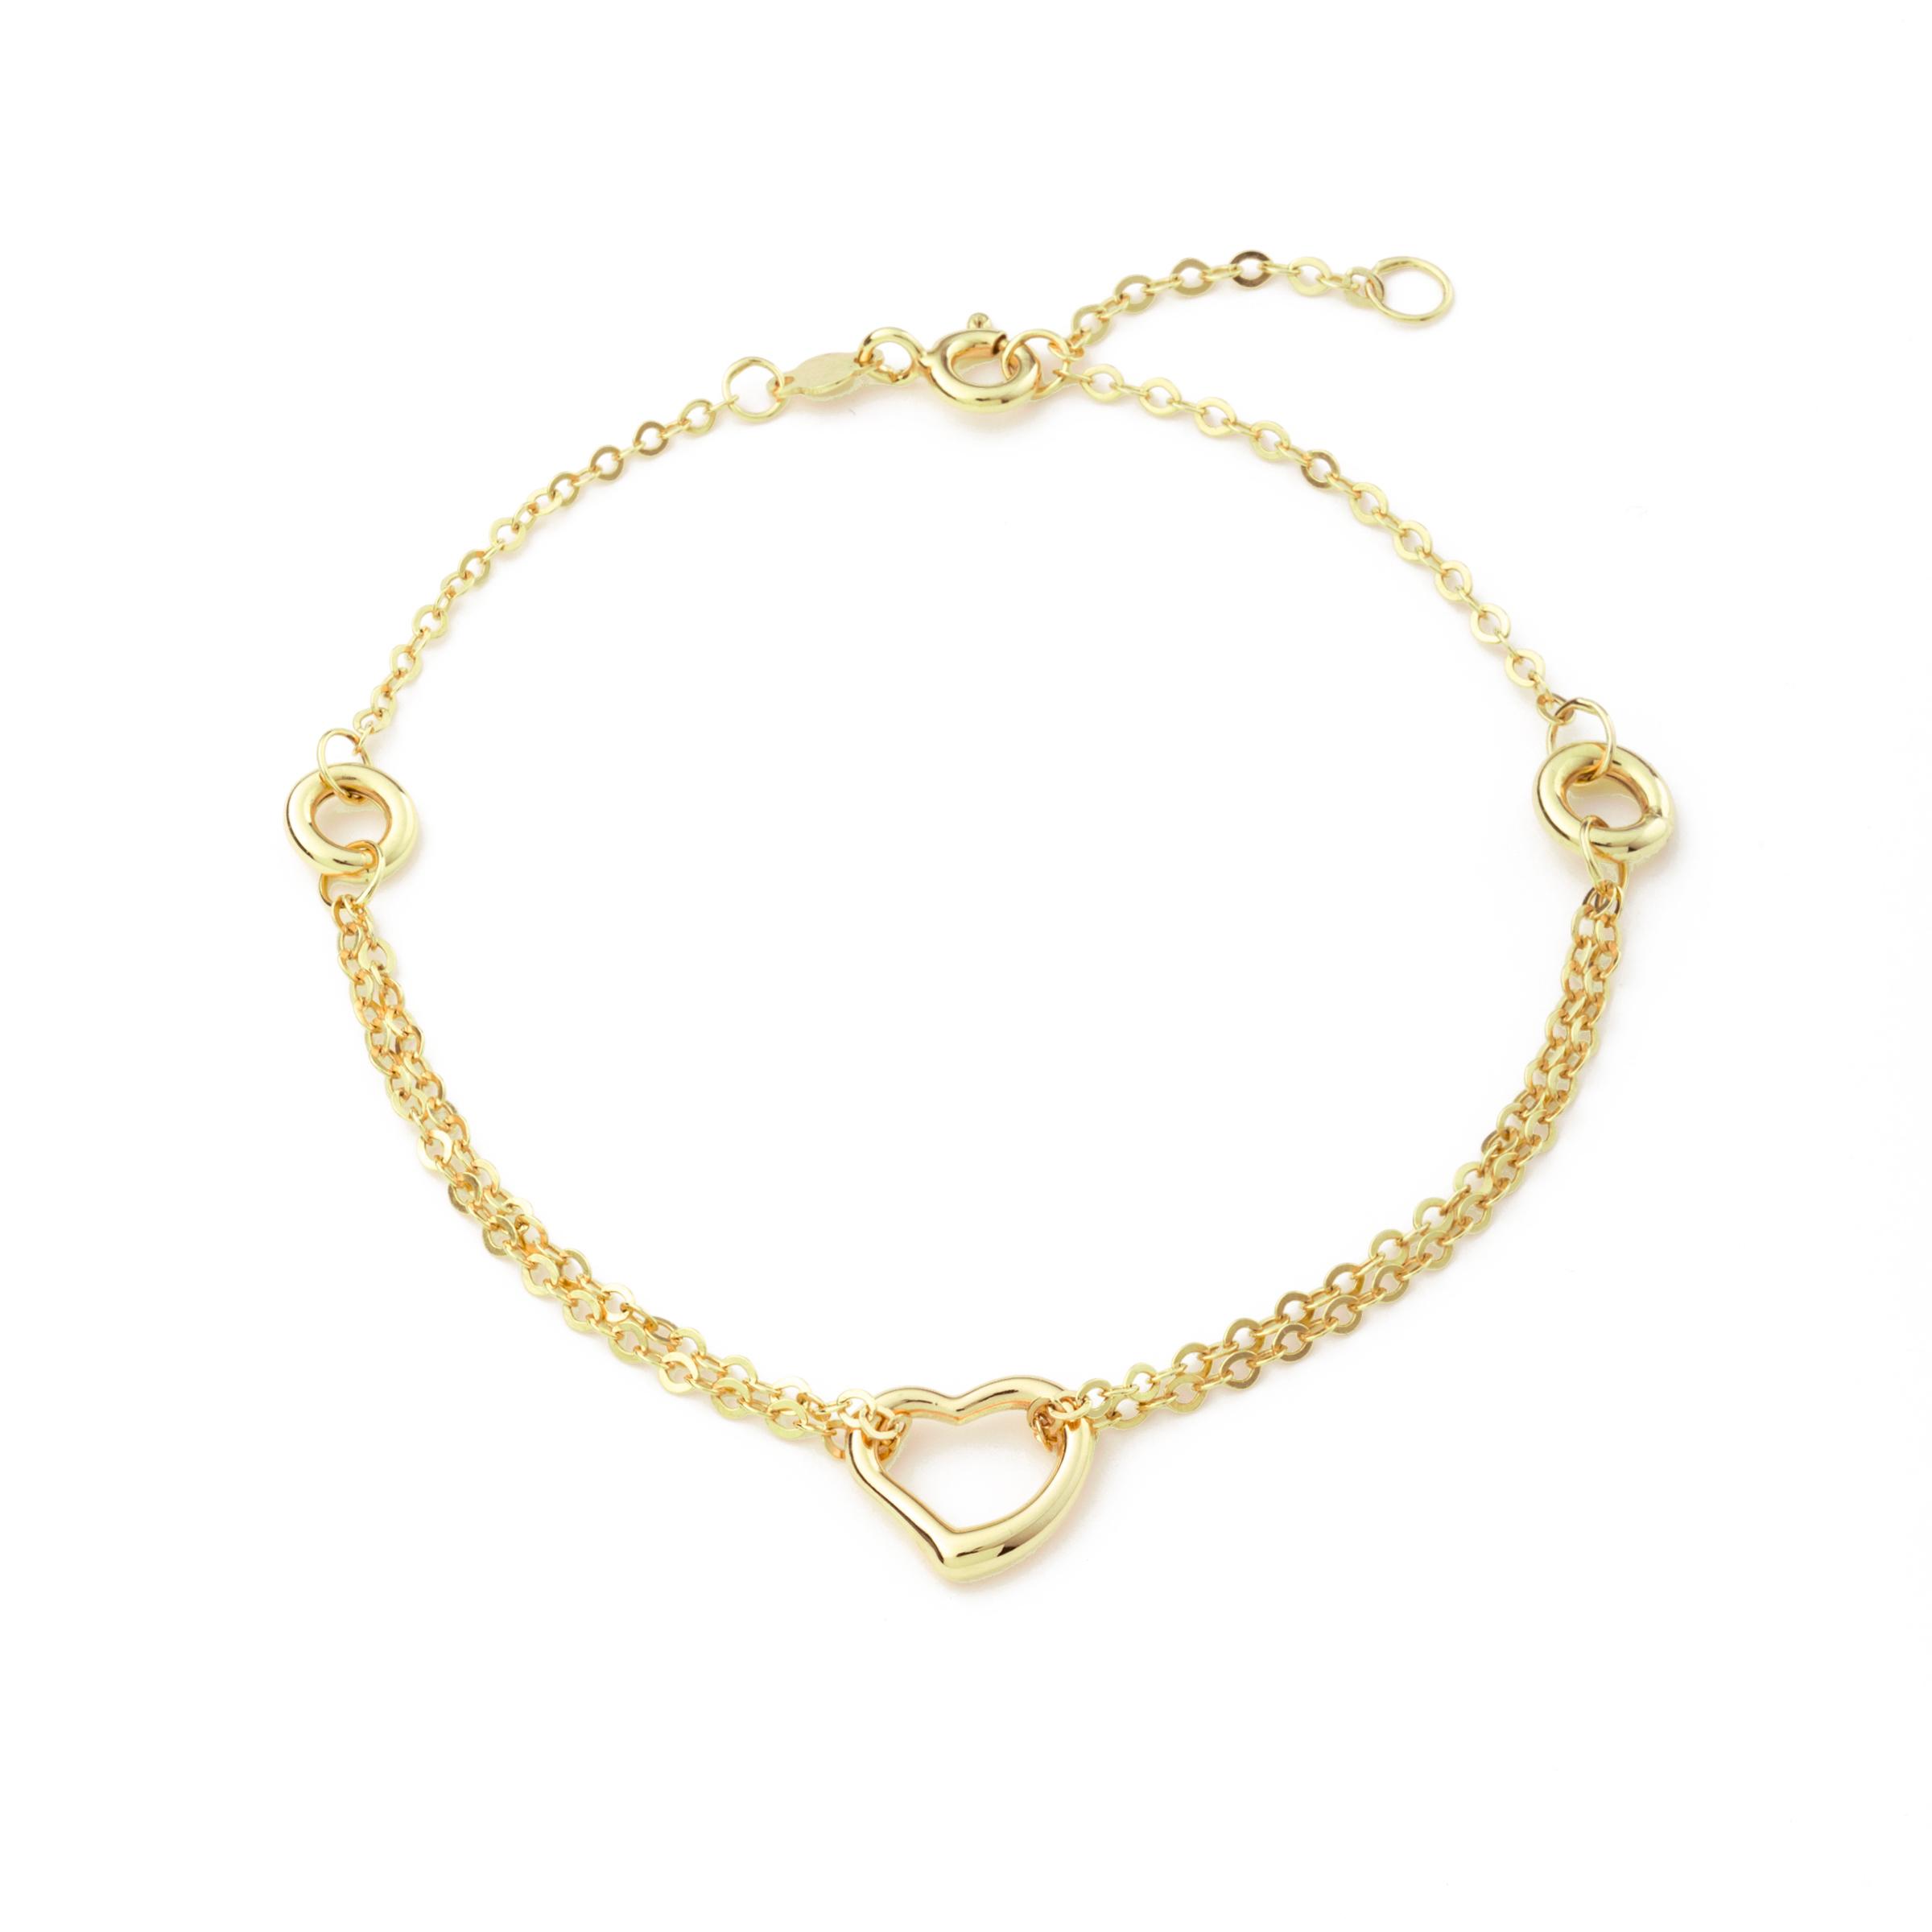 Armband für Damen, Gold 375, Herz